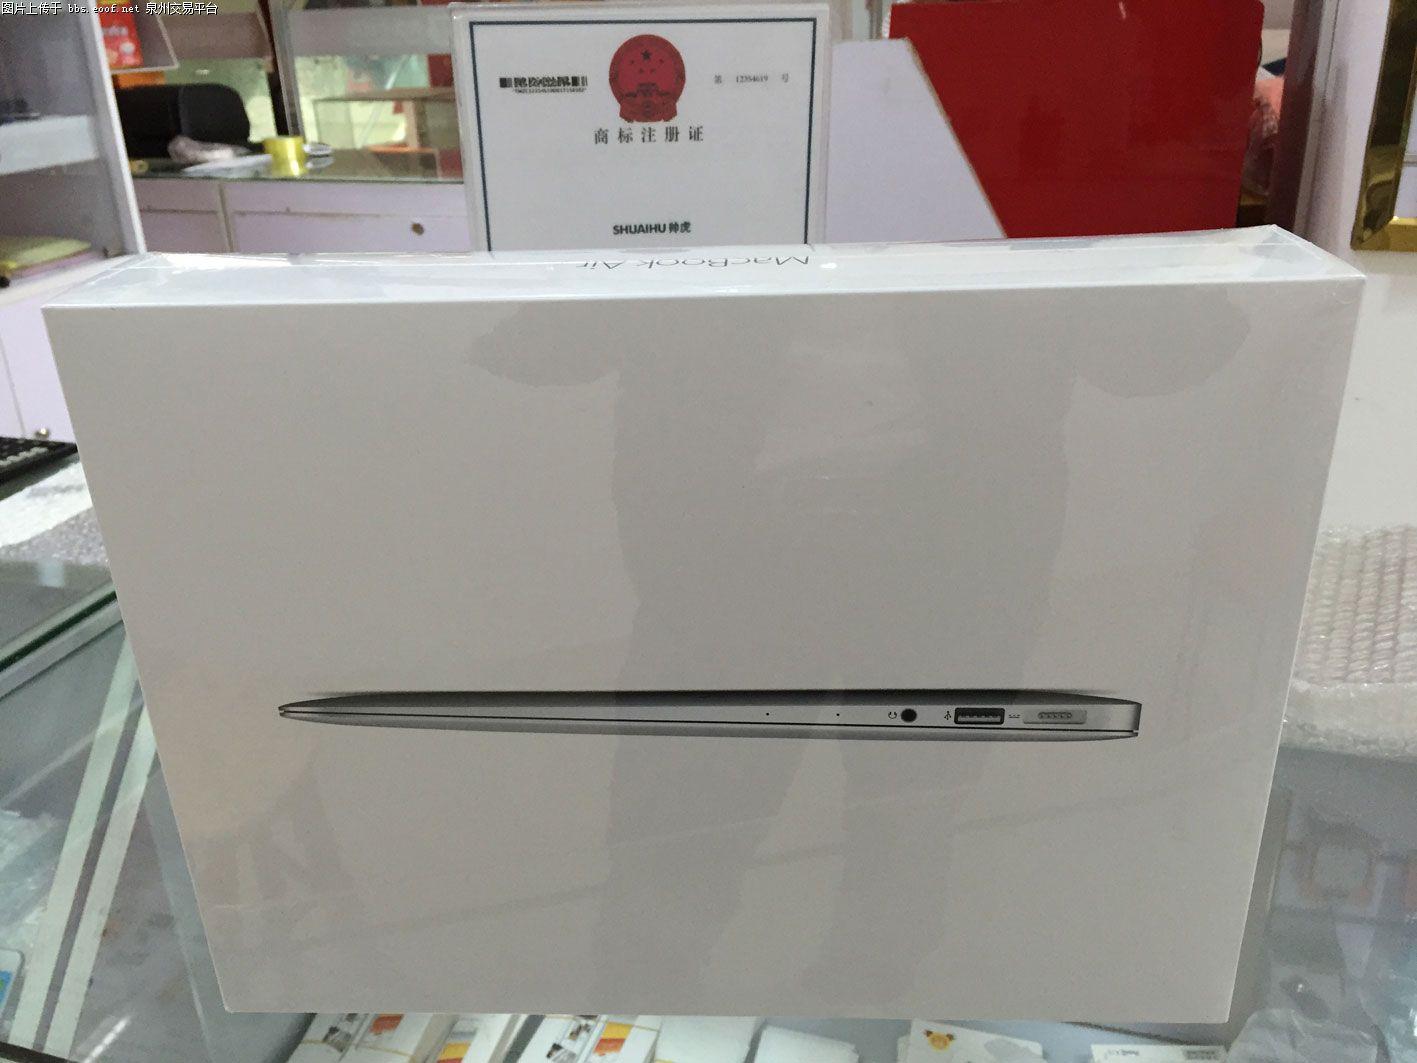 6188元全新macbook air 苹果笔记本 13.3寸 国行未拆封未高清图片